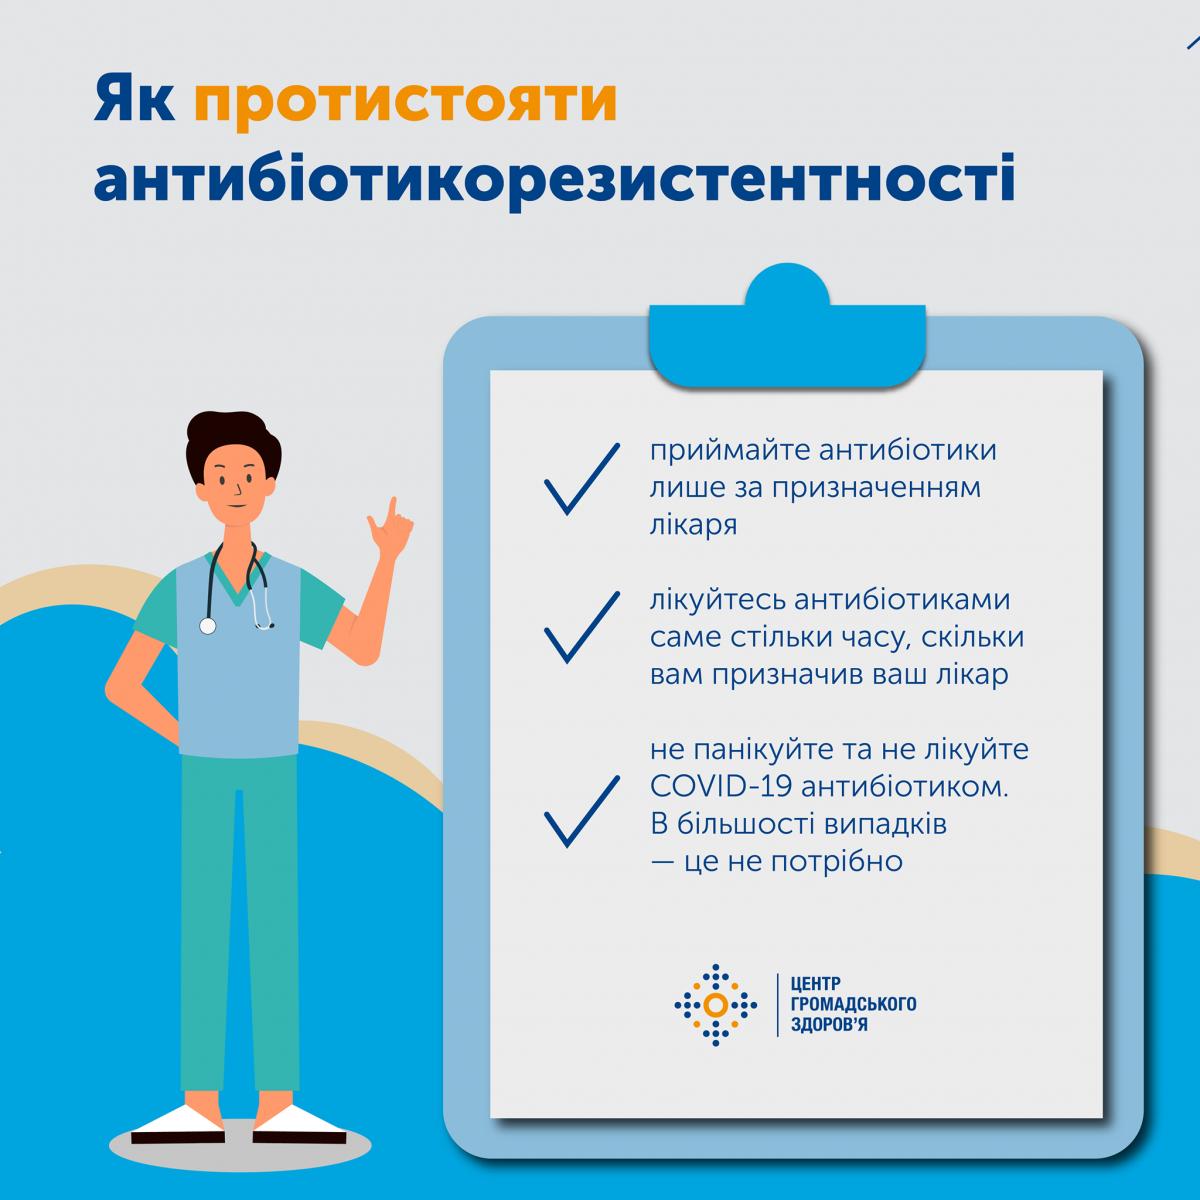 Три основных правила лечения антибиотиками / фото Facebook Центра общественного здоровья